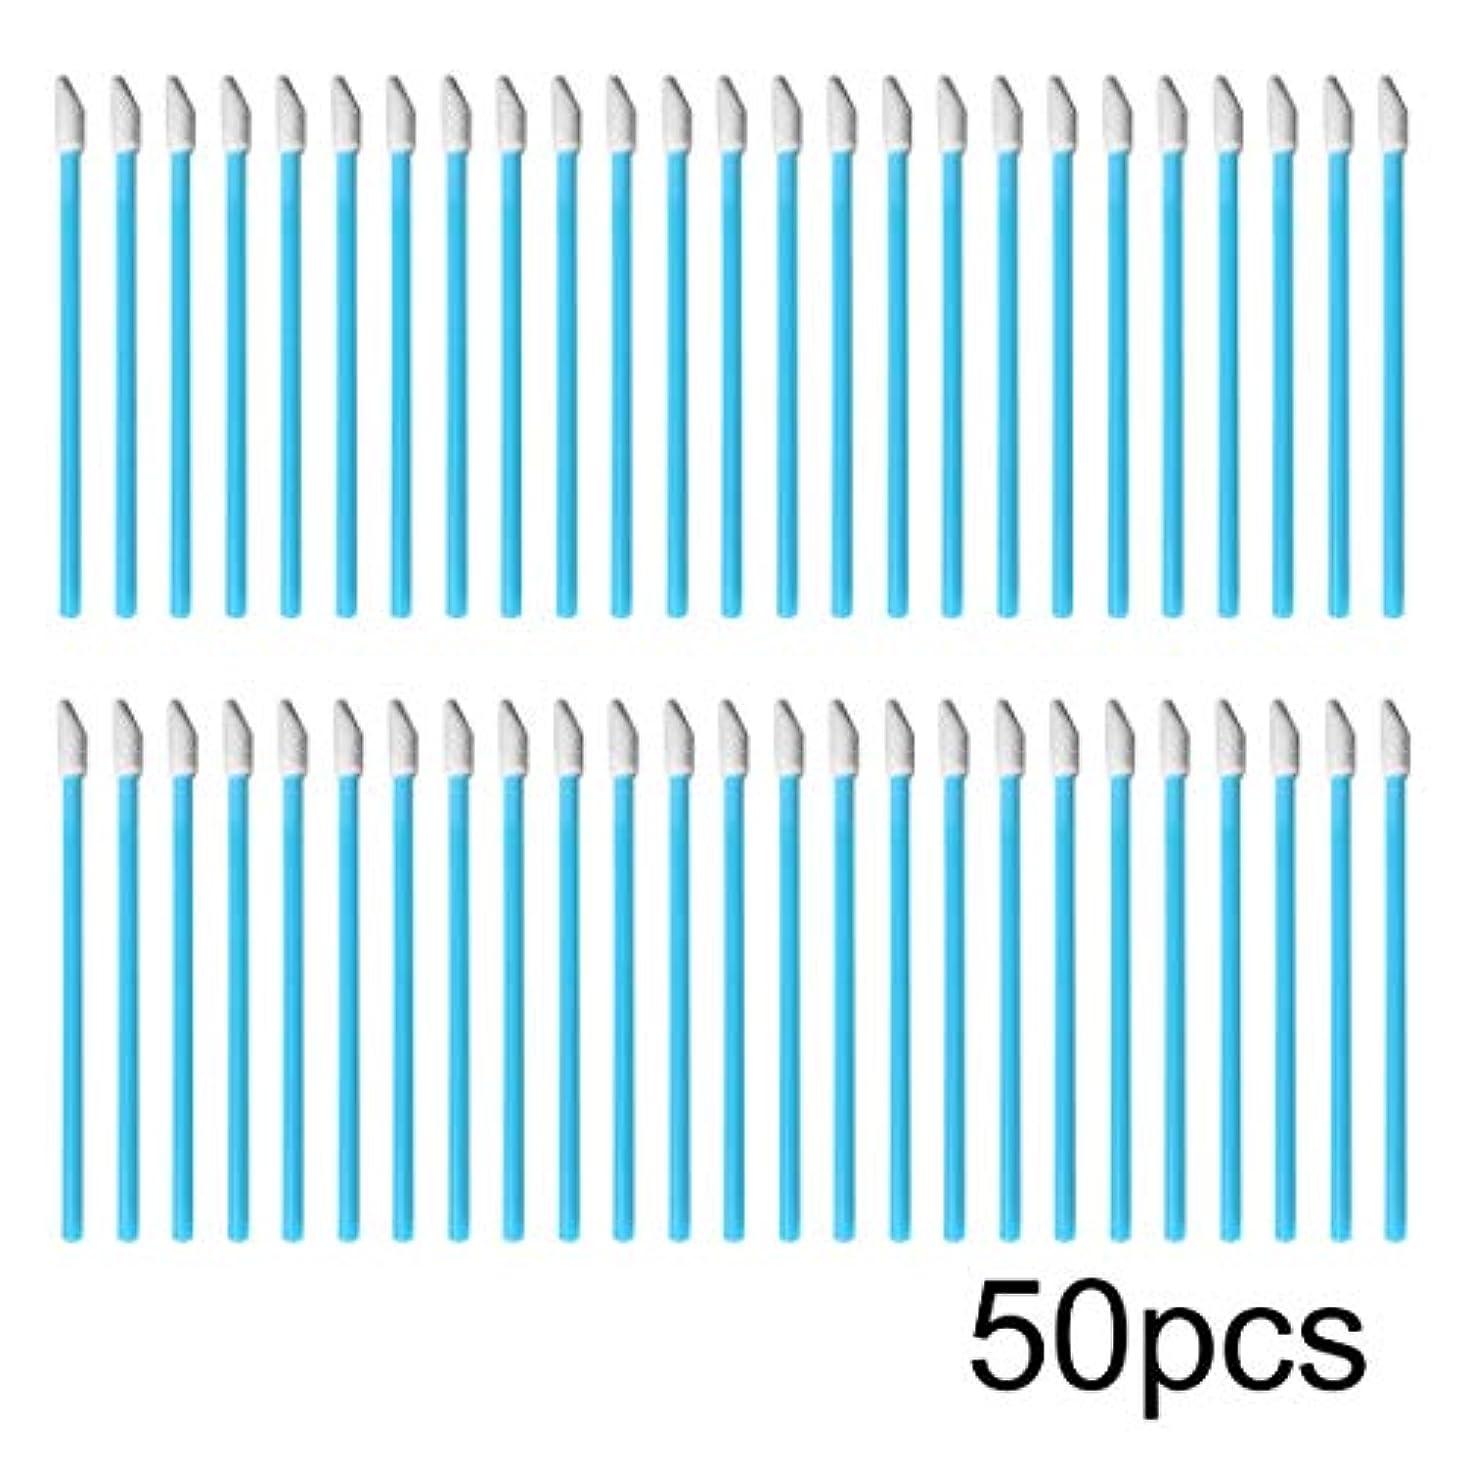 ダブル書き込み速度Swiftgood 50ピース/ロットカラフルな使い捨て化粧リップブラシ口紅ブラシペンワンド個別アプリケーター化粧品ツールアクセサリー